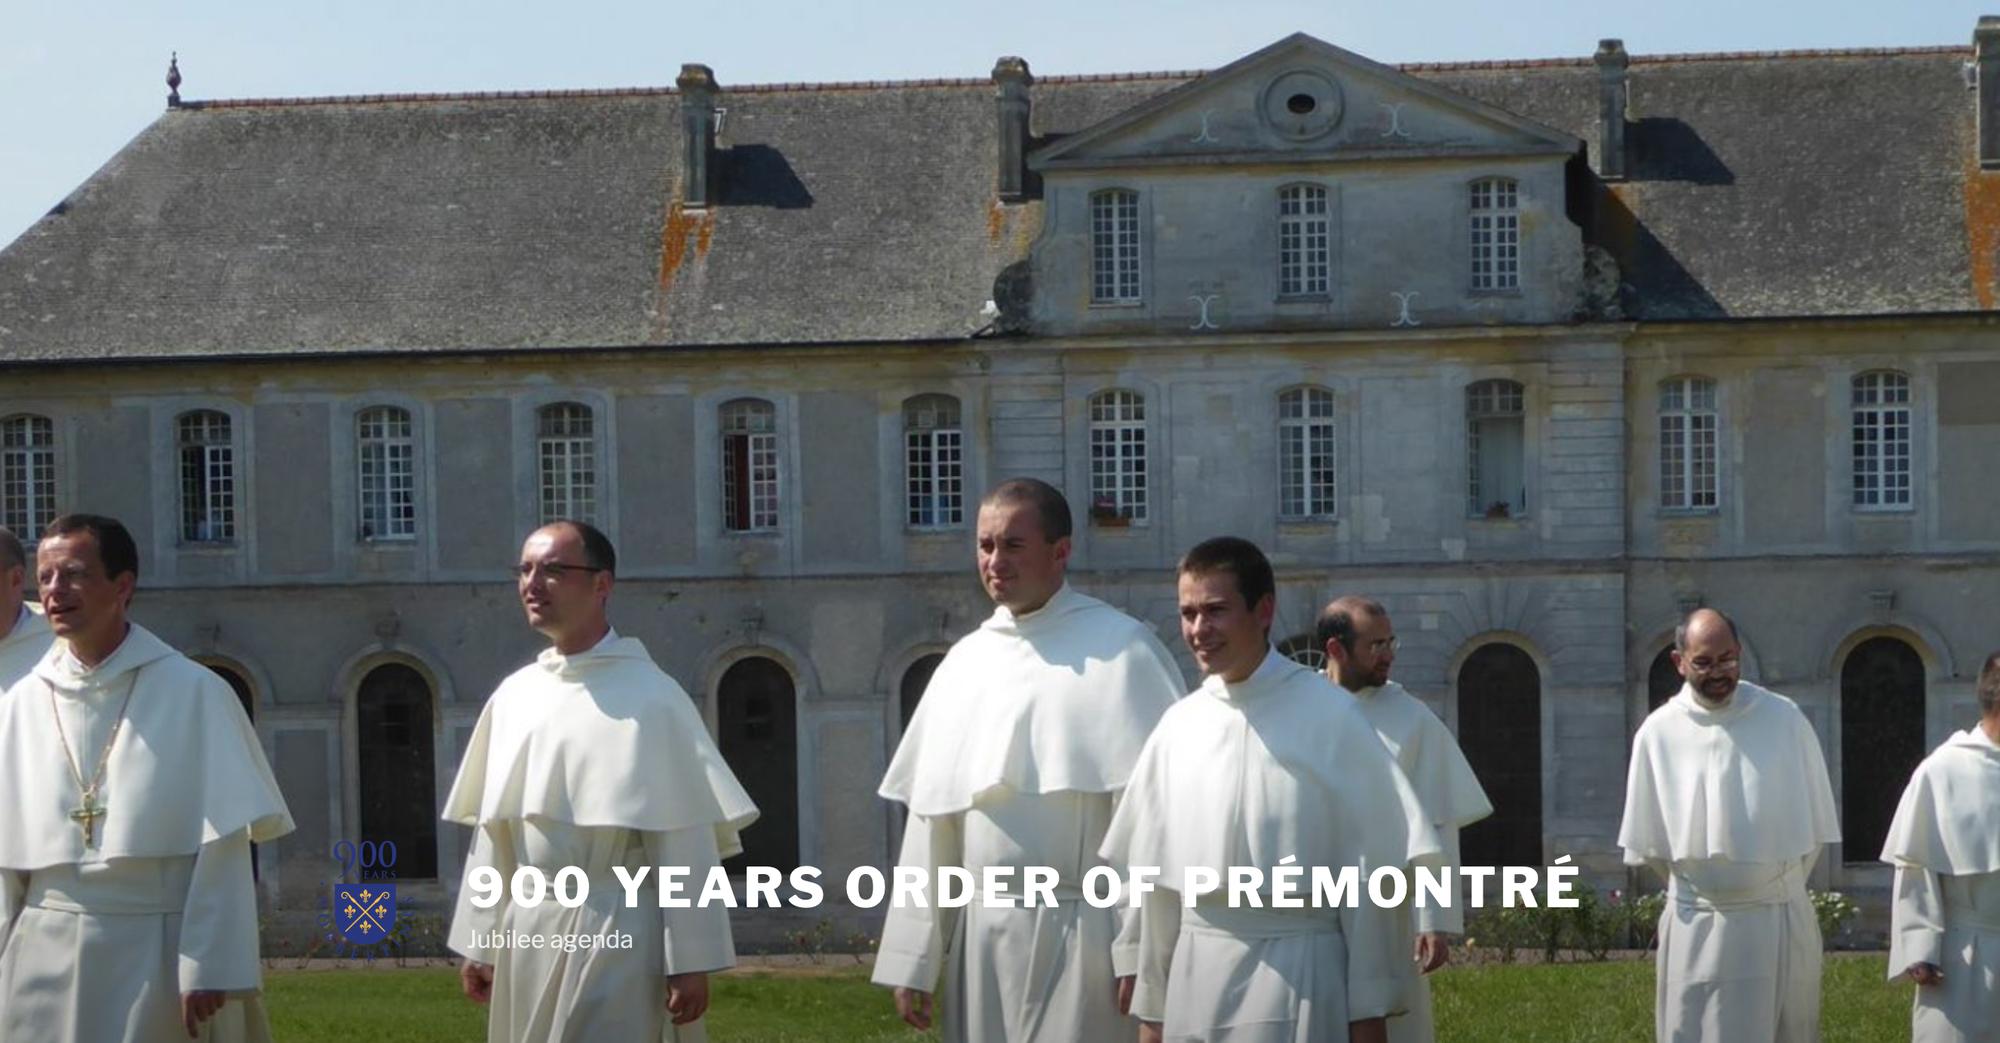 900 Years Order of Prémontré